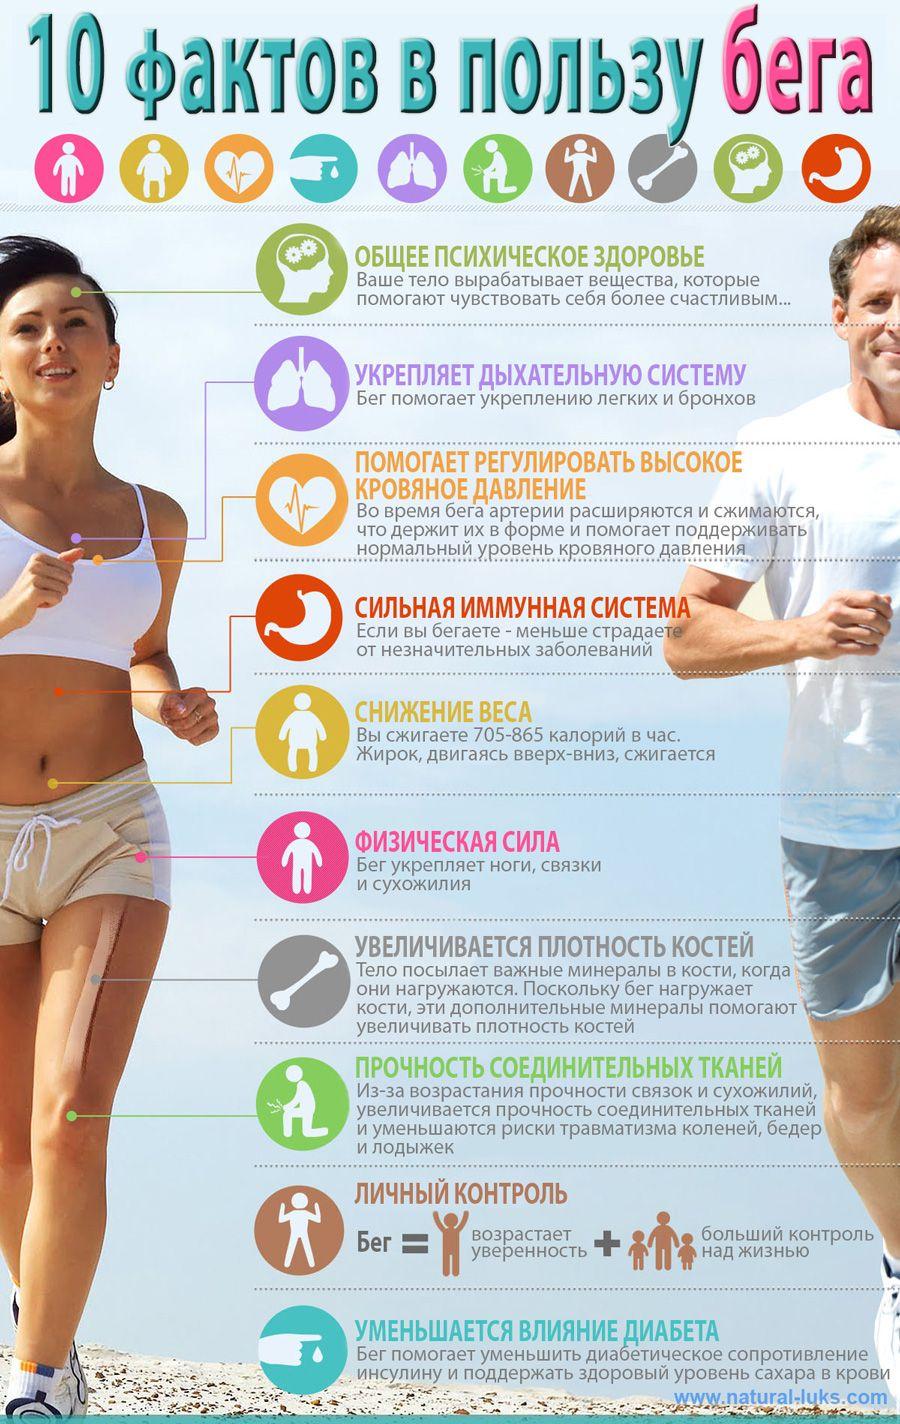 Когда Лучше Начать Бегать Для Похудения. Как бегать, чтобы похудеть? 5 вопросов перед началом тренировки